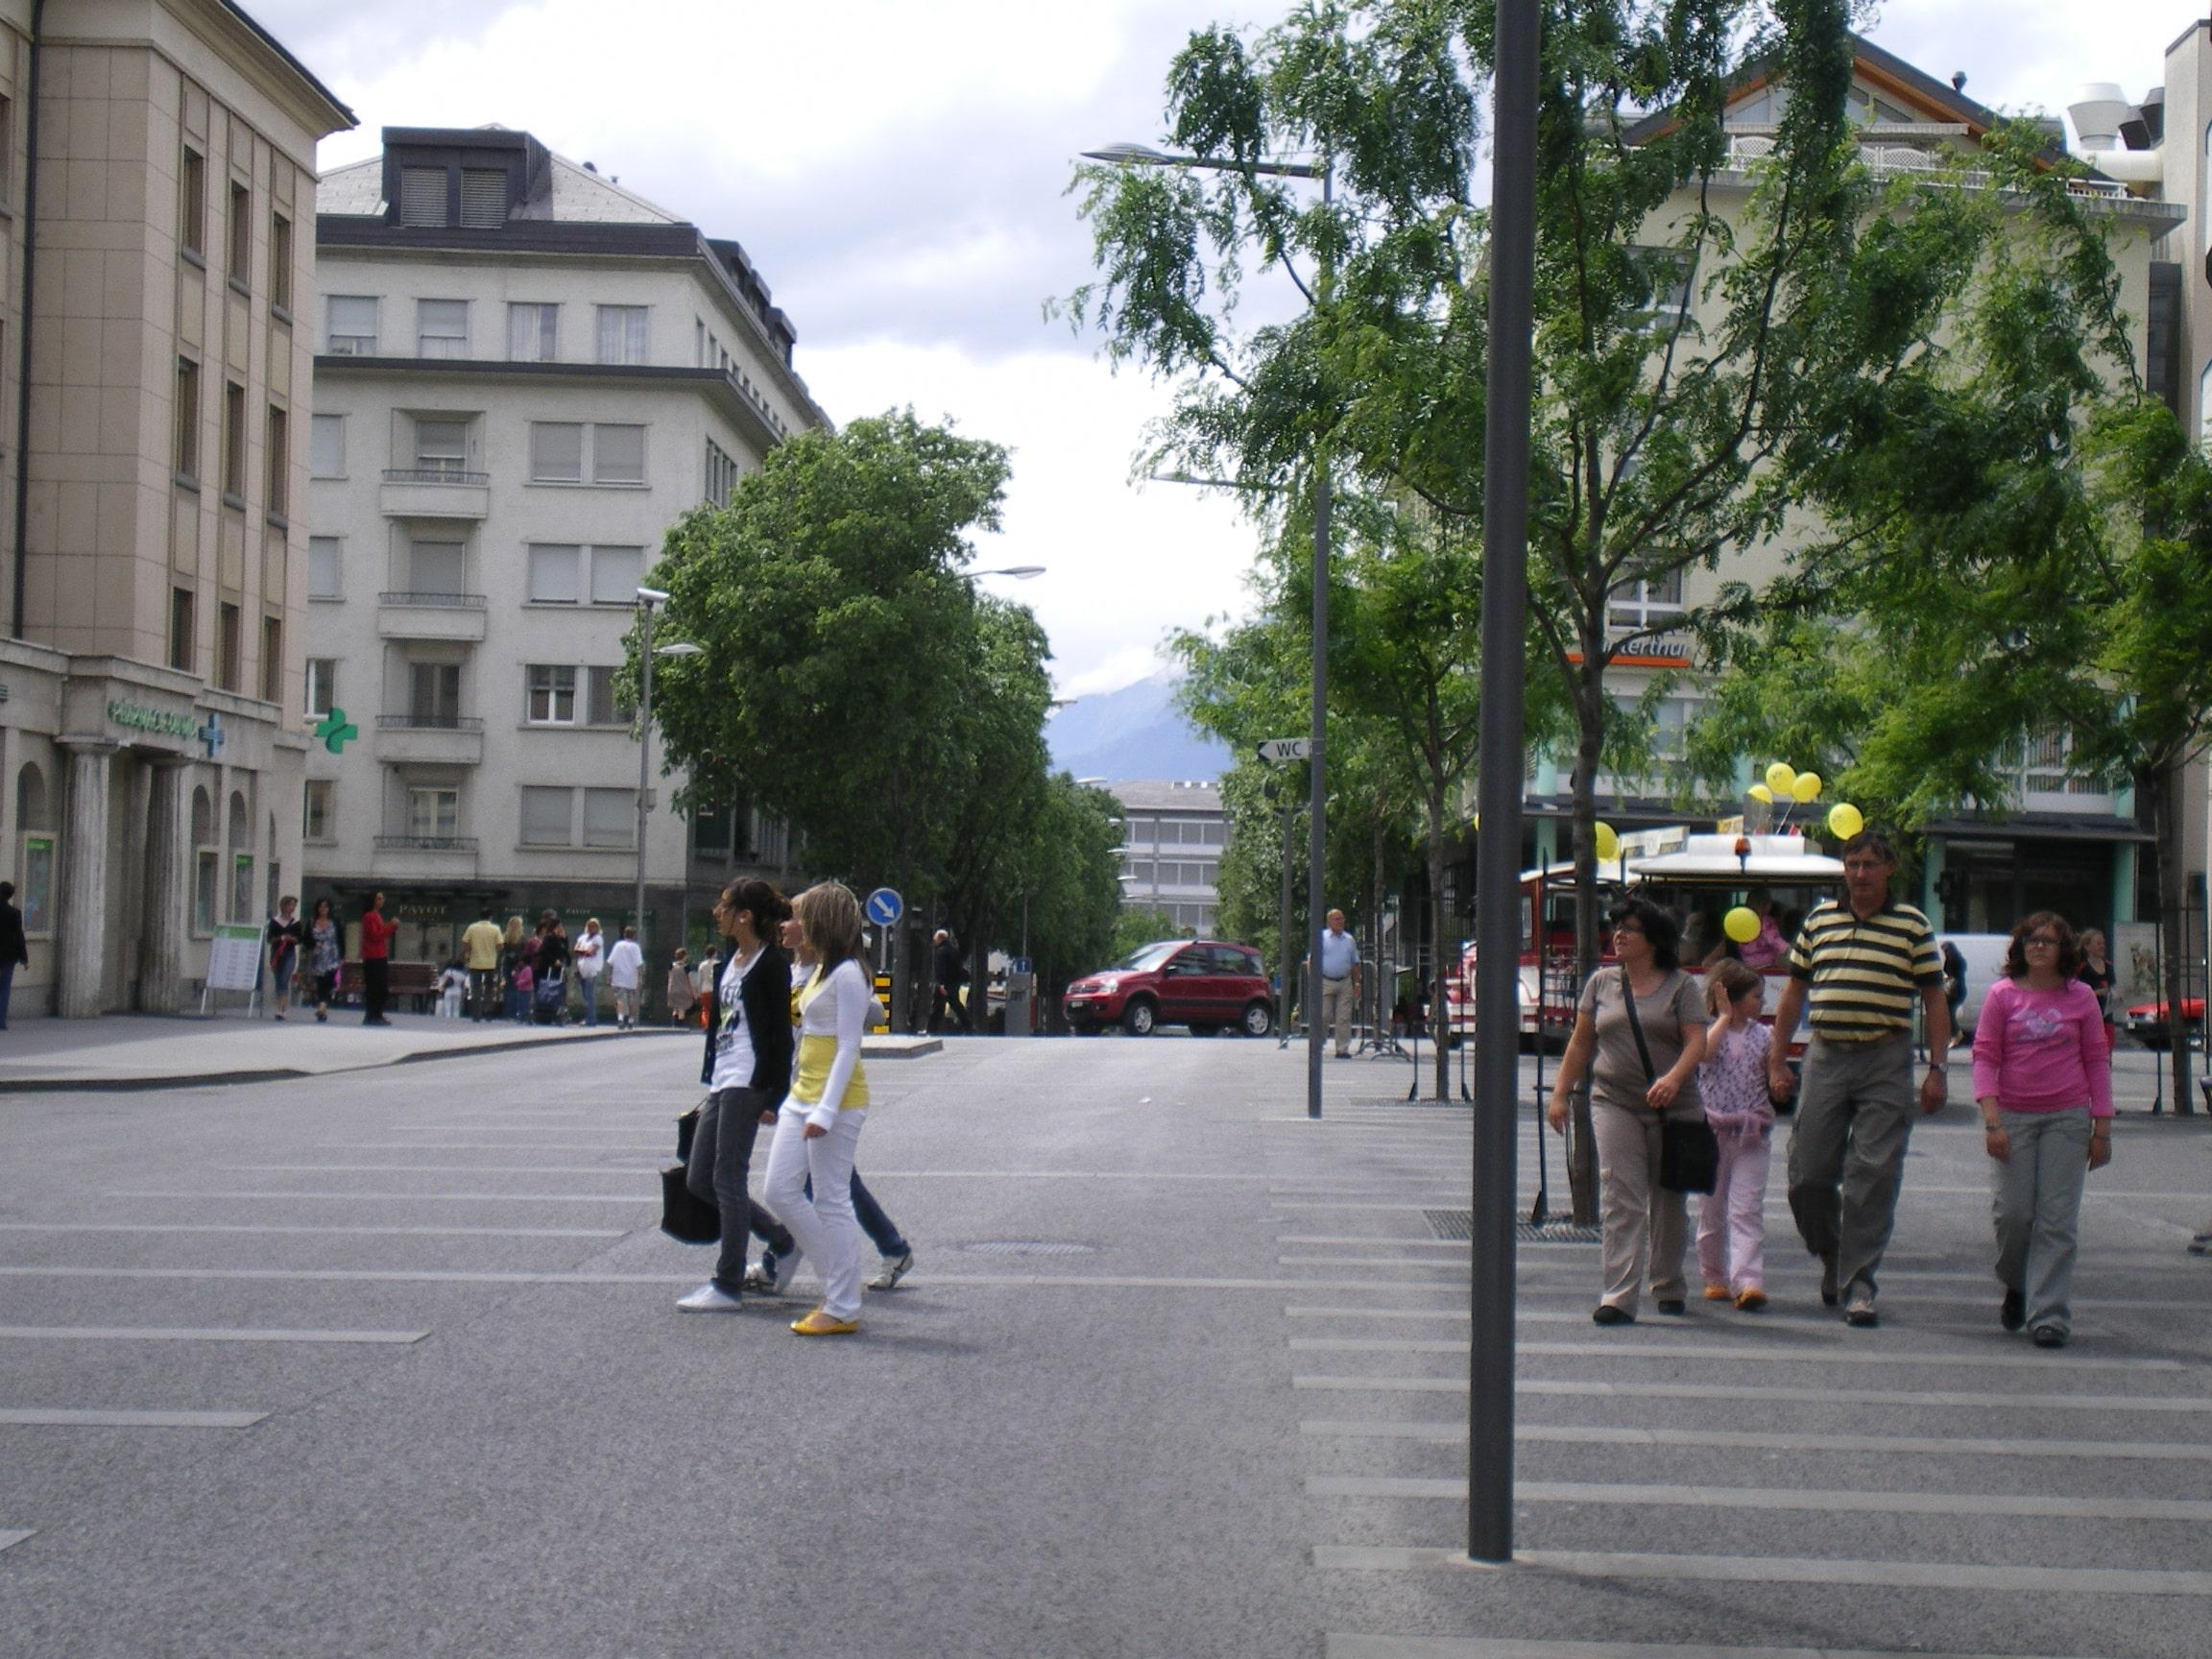 Fussgänger- und Fahrbereich durch Bäume und Laternen abgetrennt. Quelle: Sonia Lavadinho